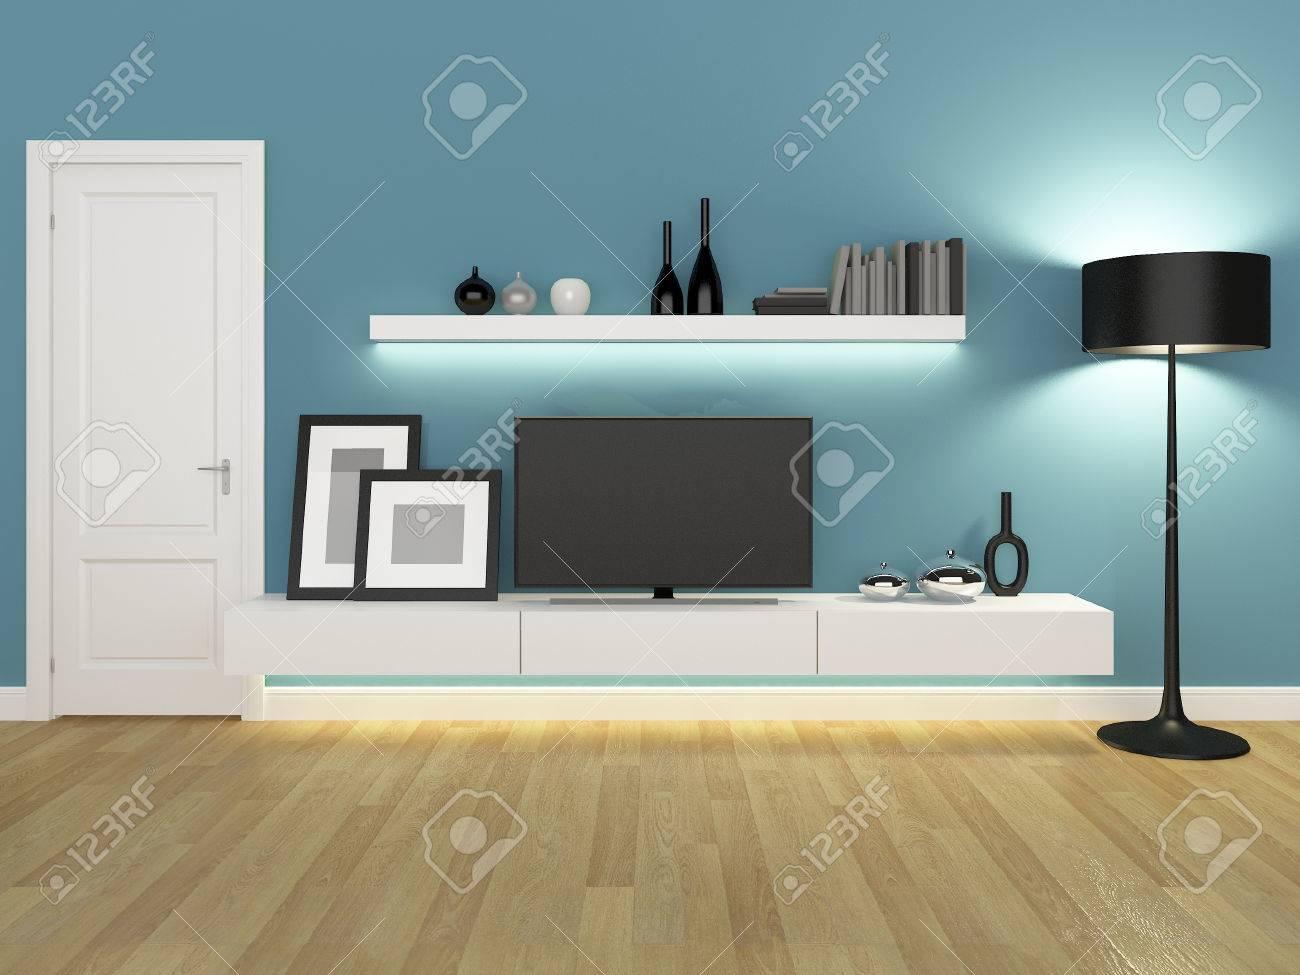 salon bleu avec meuble tv et bibliotheque rendu